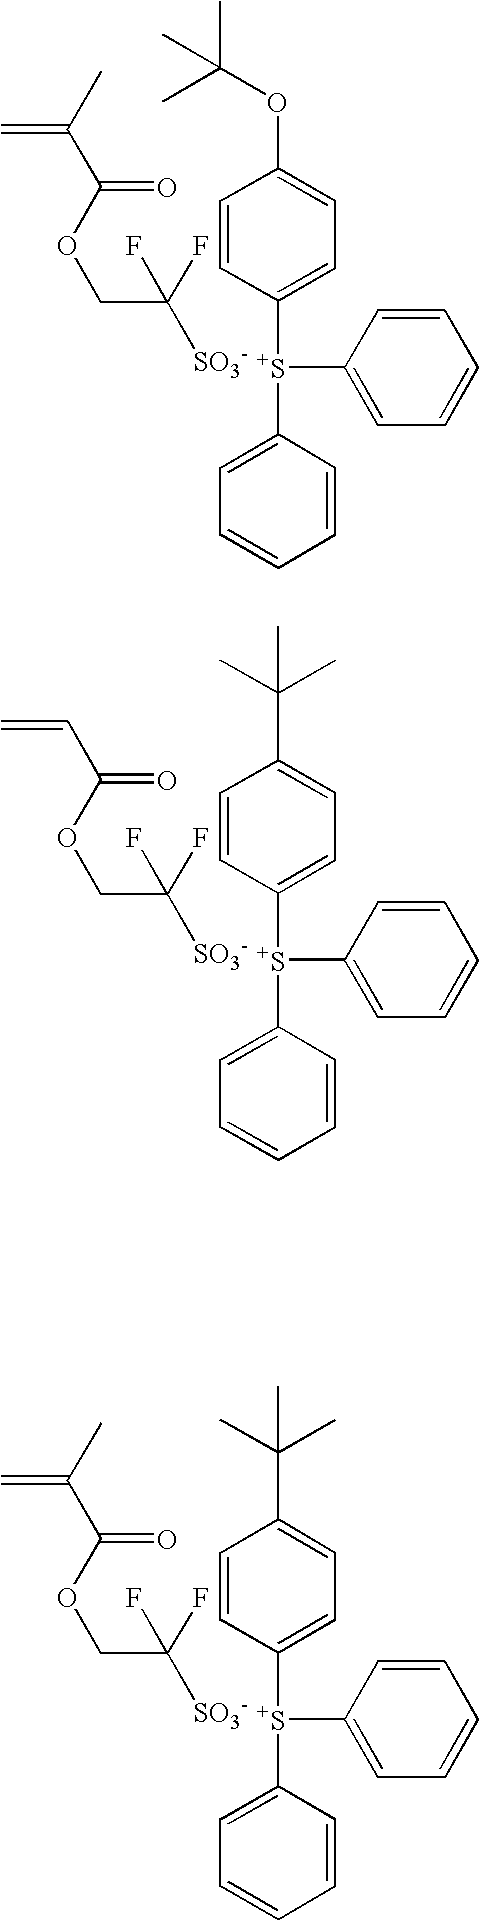 Figure US08062828-20111122-C00012